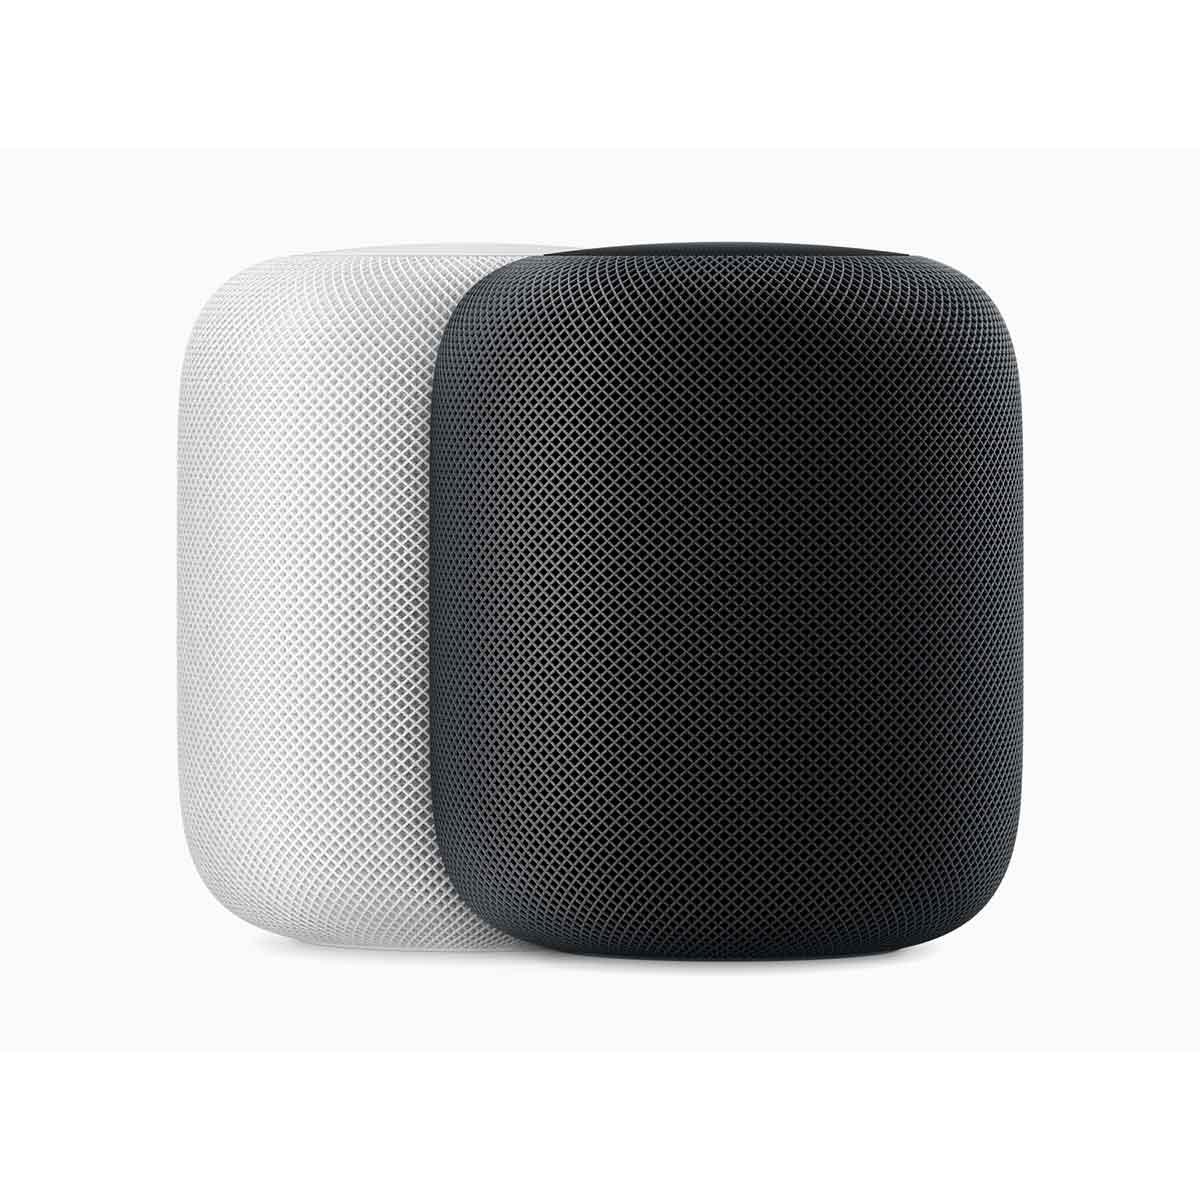 【今週発売の注目製品】アップルから、スマートスピーカー「HomePod」が登場